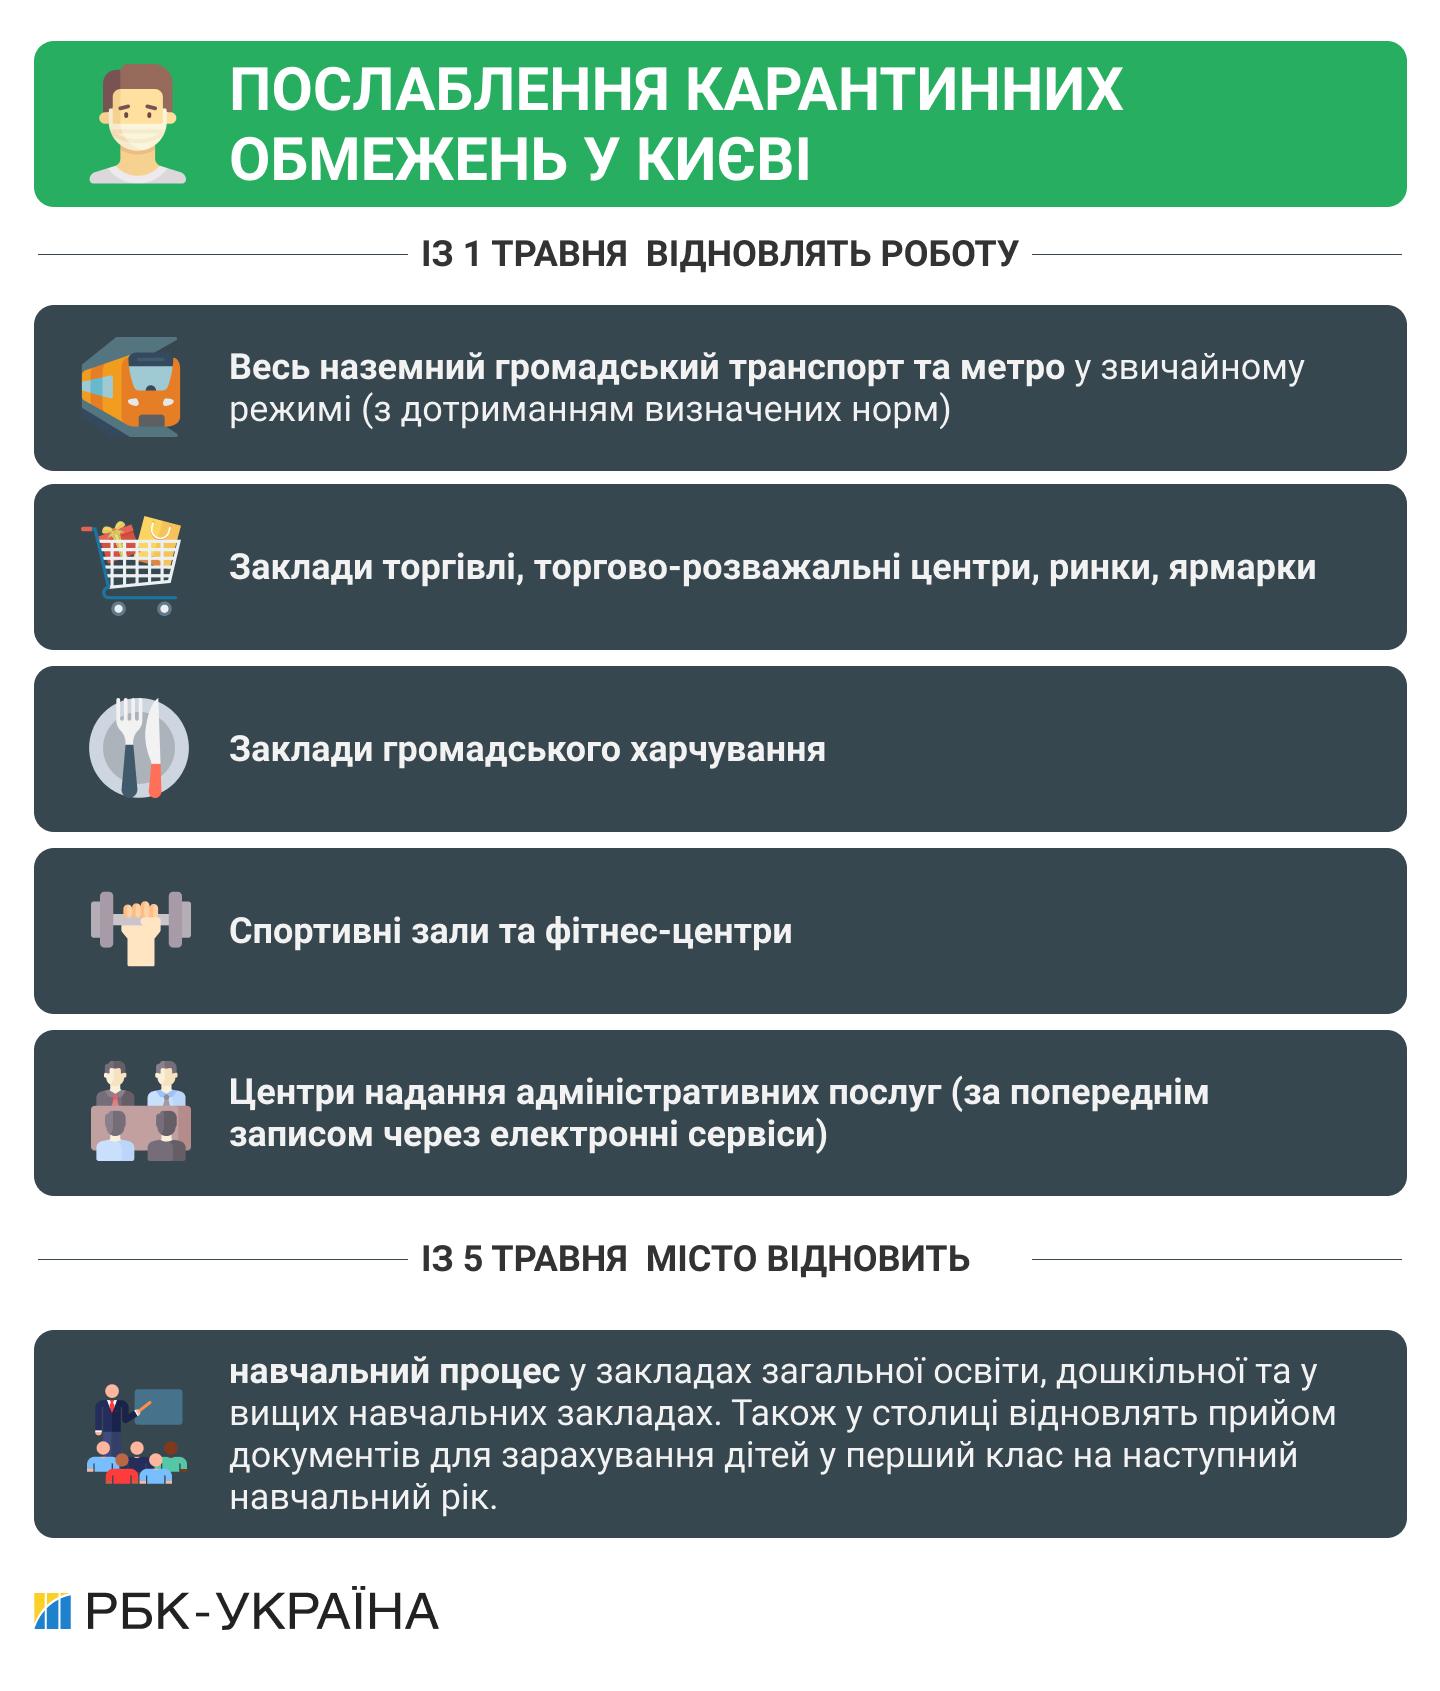 Київ вийшов з локдауну: що і як працює (список)